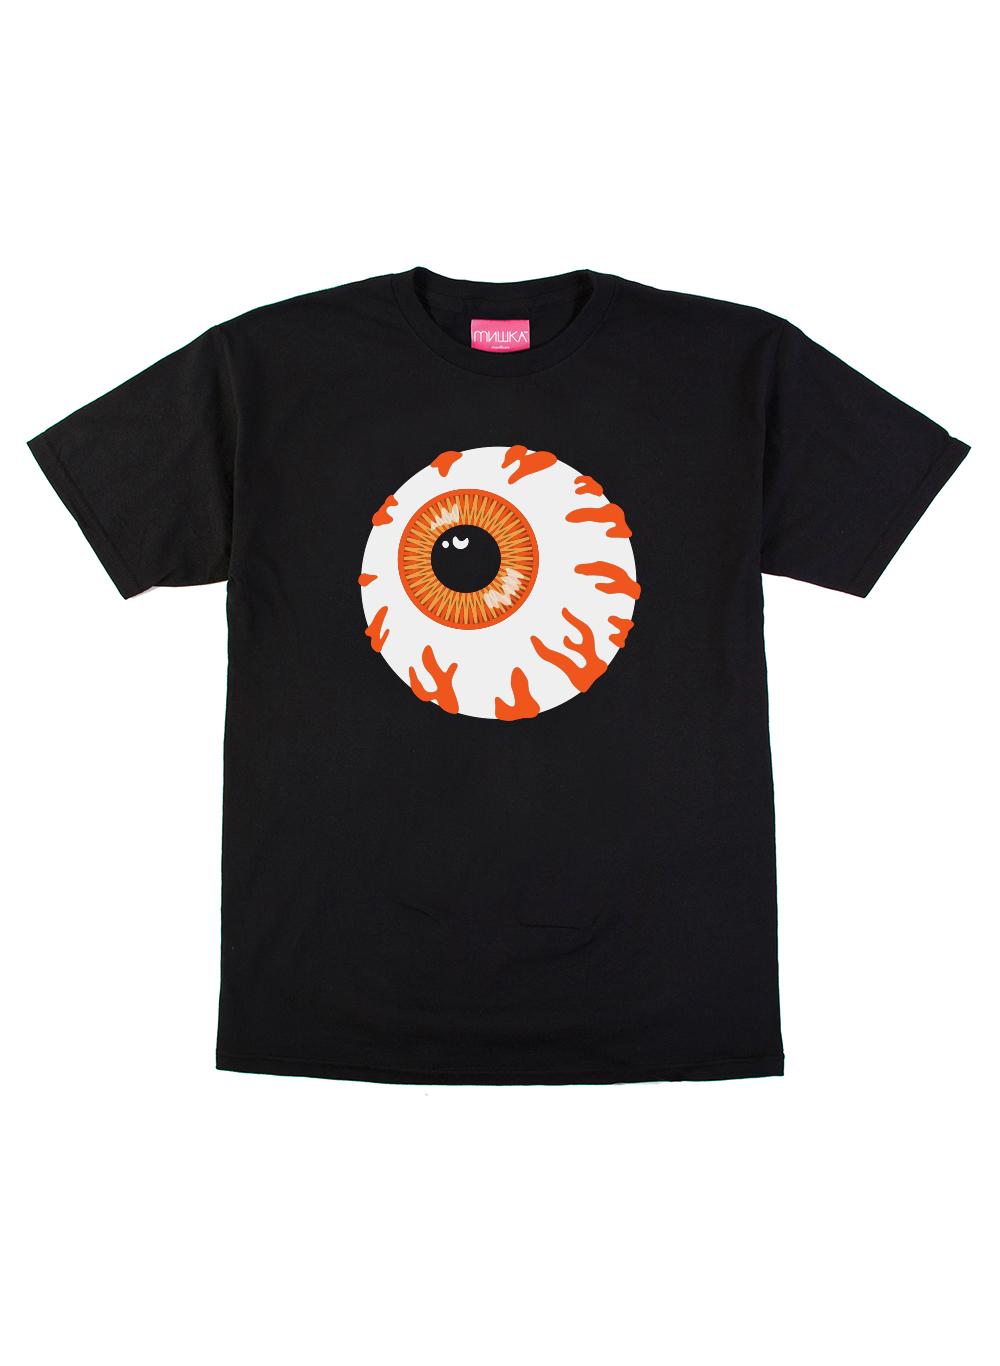 Keep Watch T-Shirt